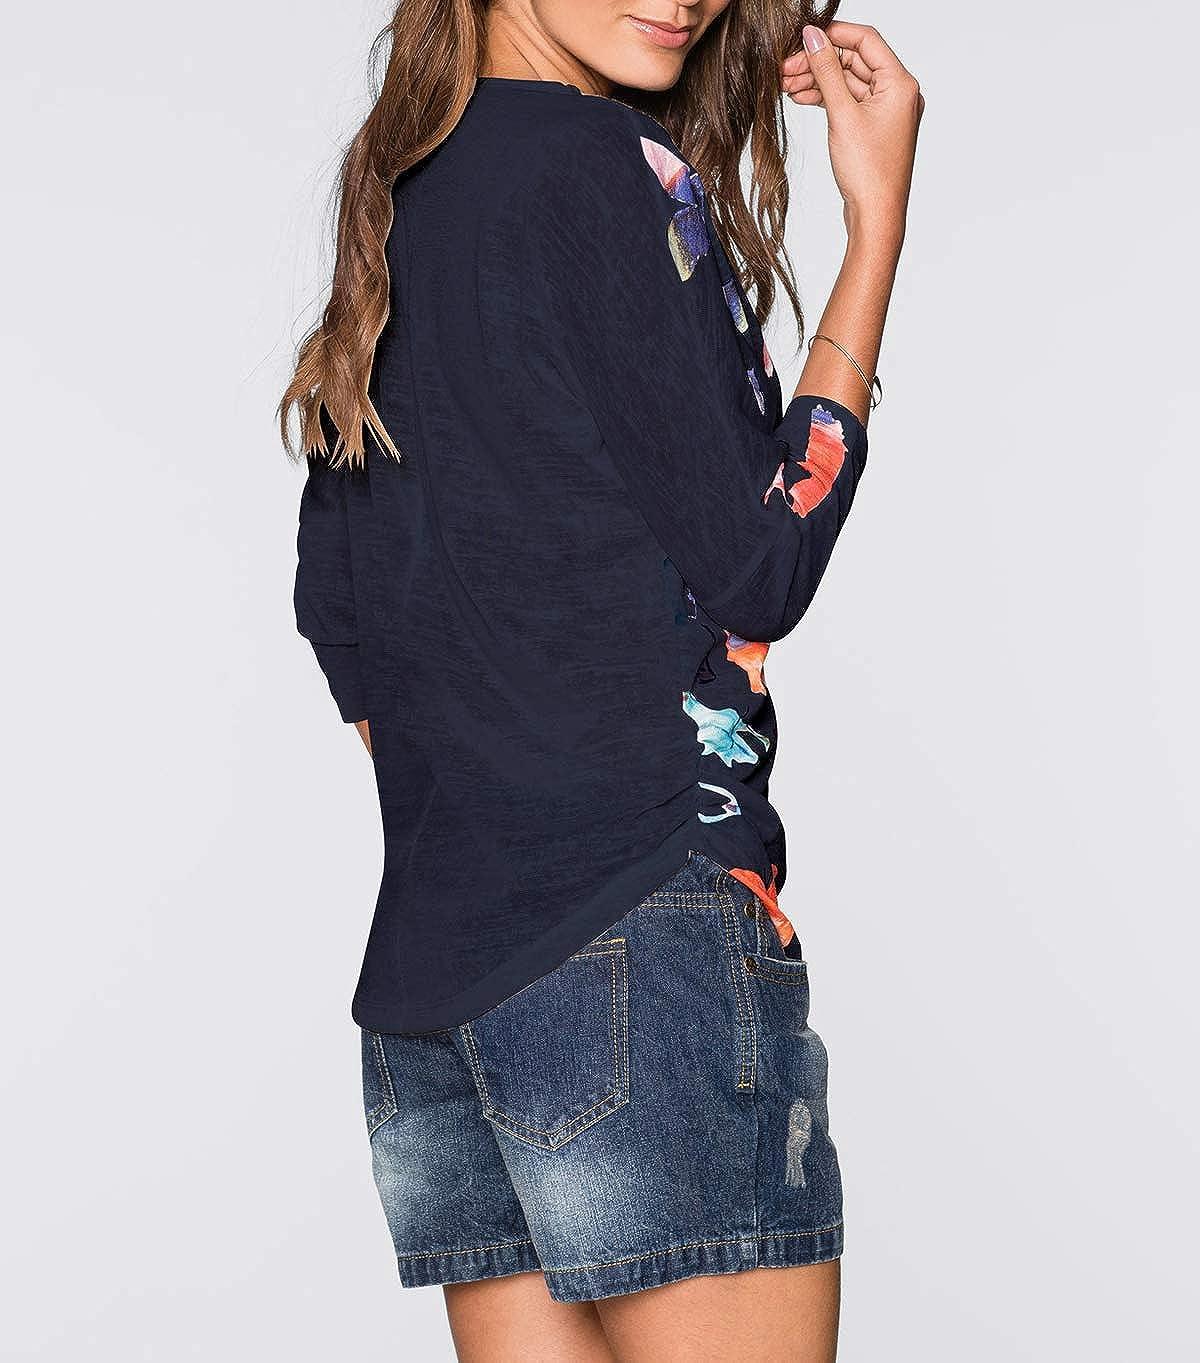 Primavera Otoño Mujeres Top con Cremallera Moda Cuello V Manga 3/4 Camisetas Blusa T-Shirt Casual Impresión Remata tee Shirt Jumper: Amazon.es: Ropa y ...